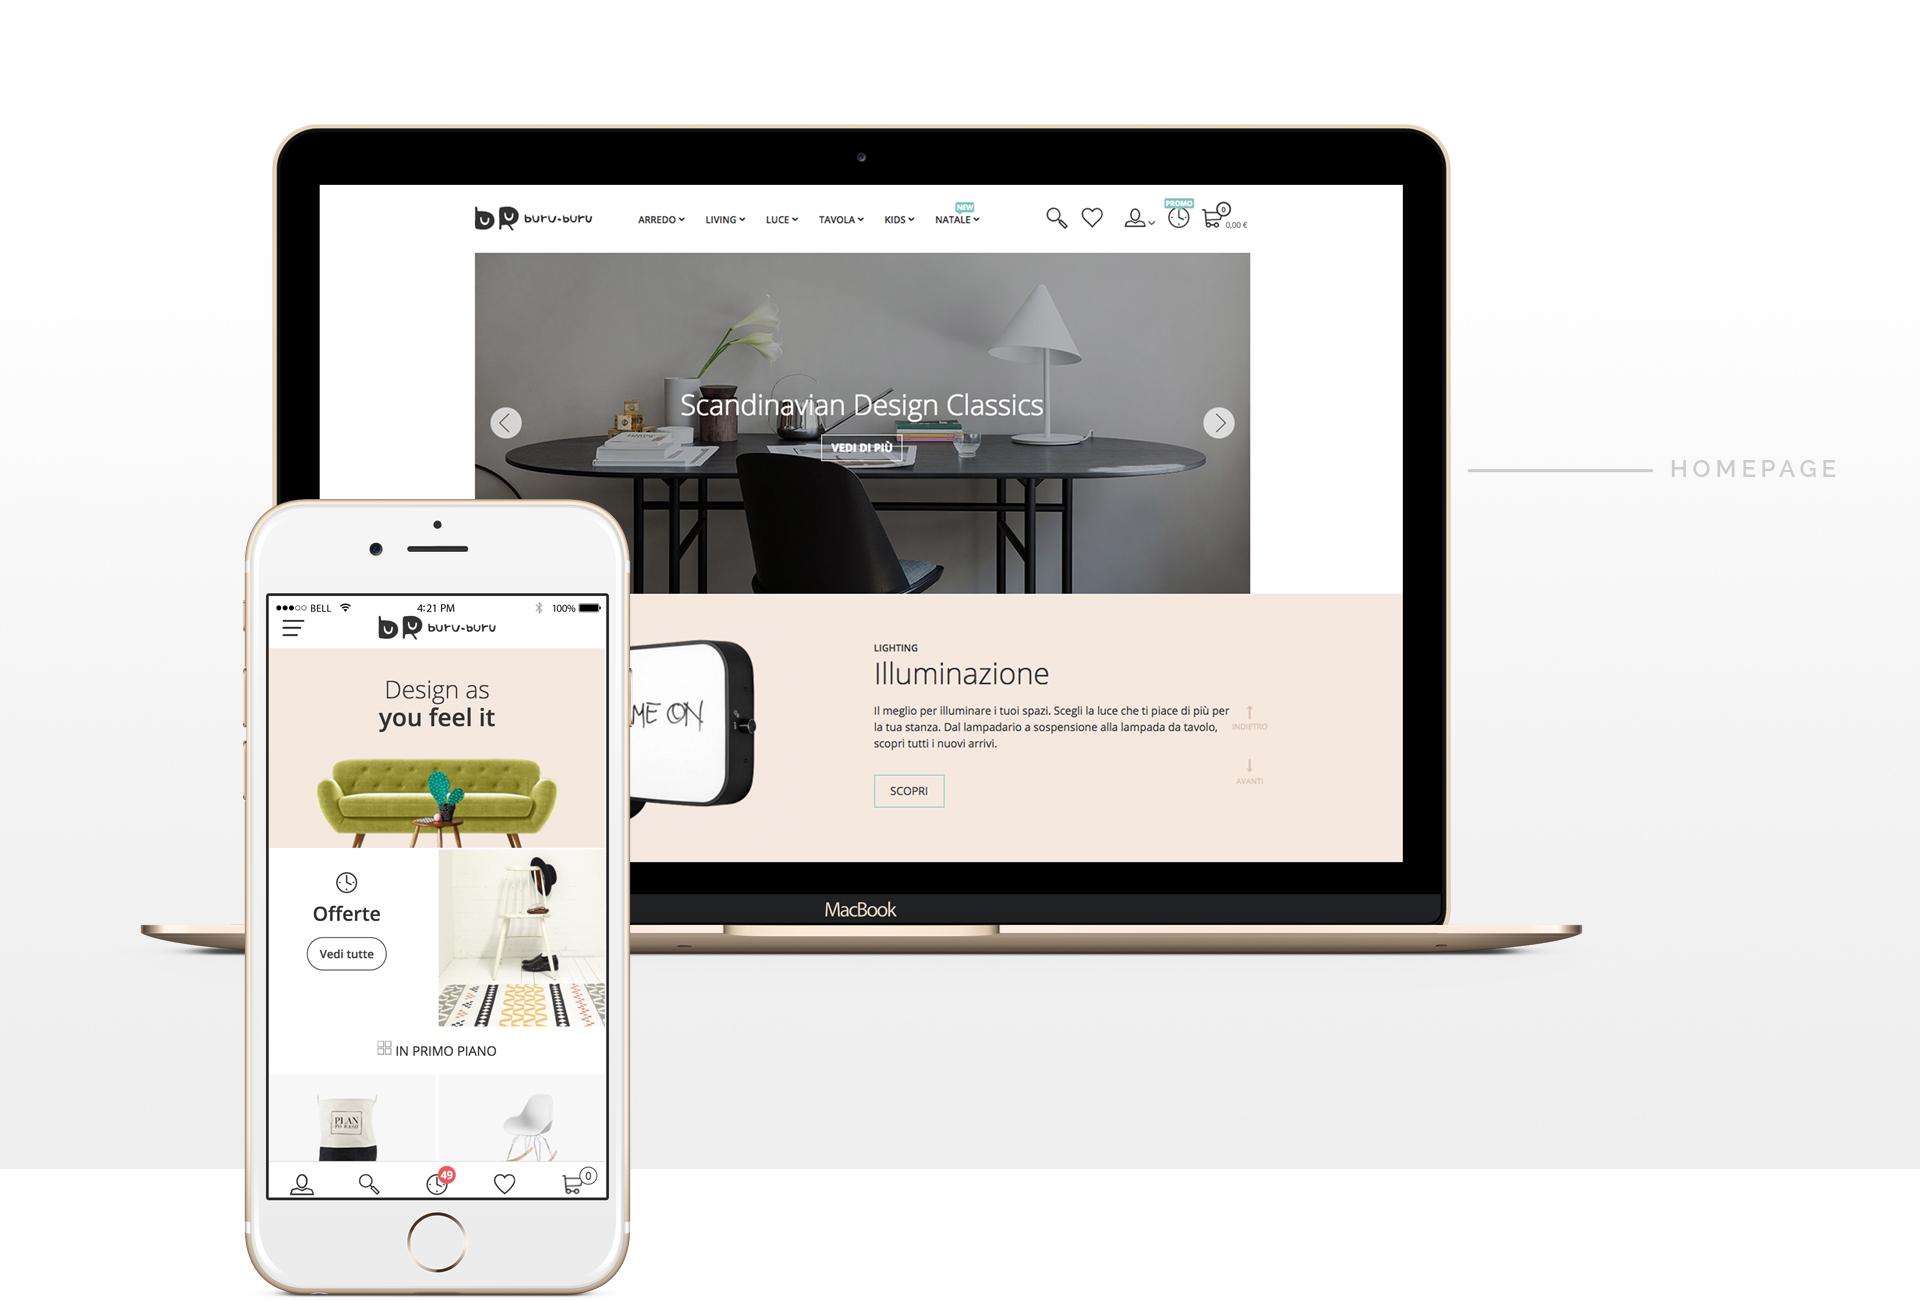 buru buru e-commerce web site